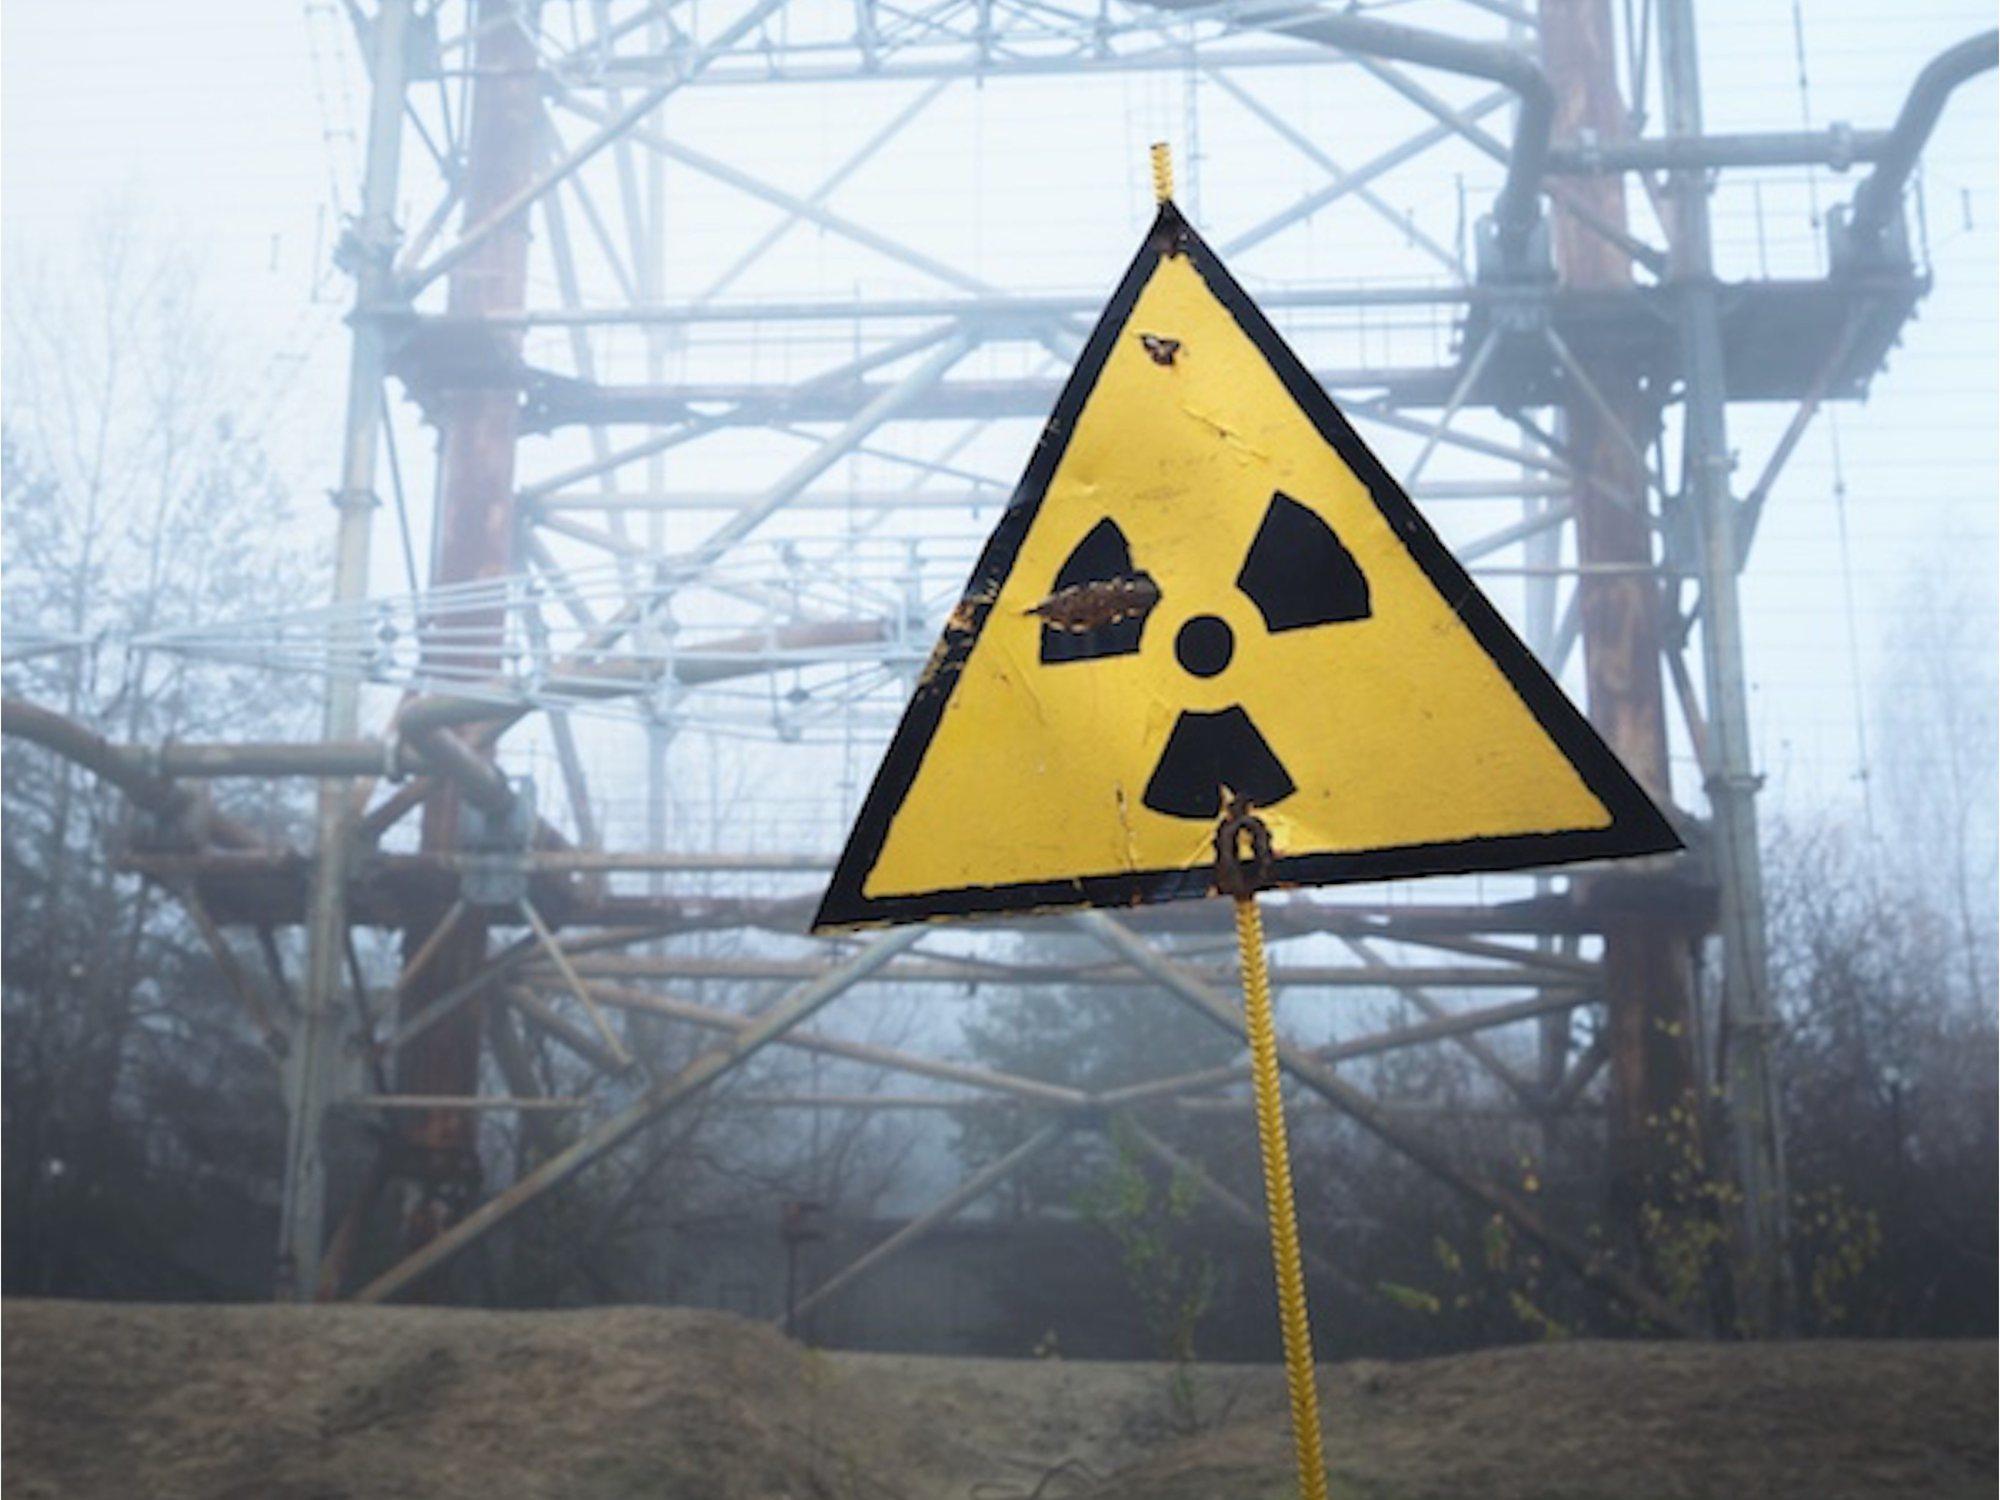 Rusia podría estar encubriendo un accidente nuclear ocurrido en 2017